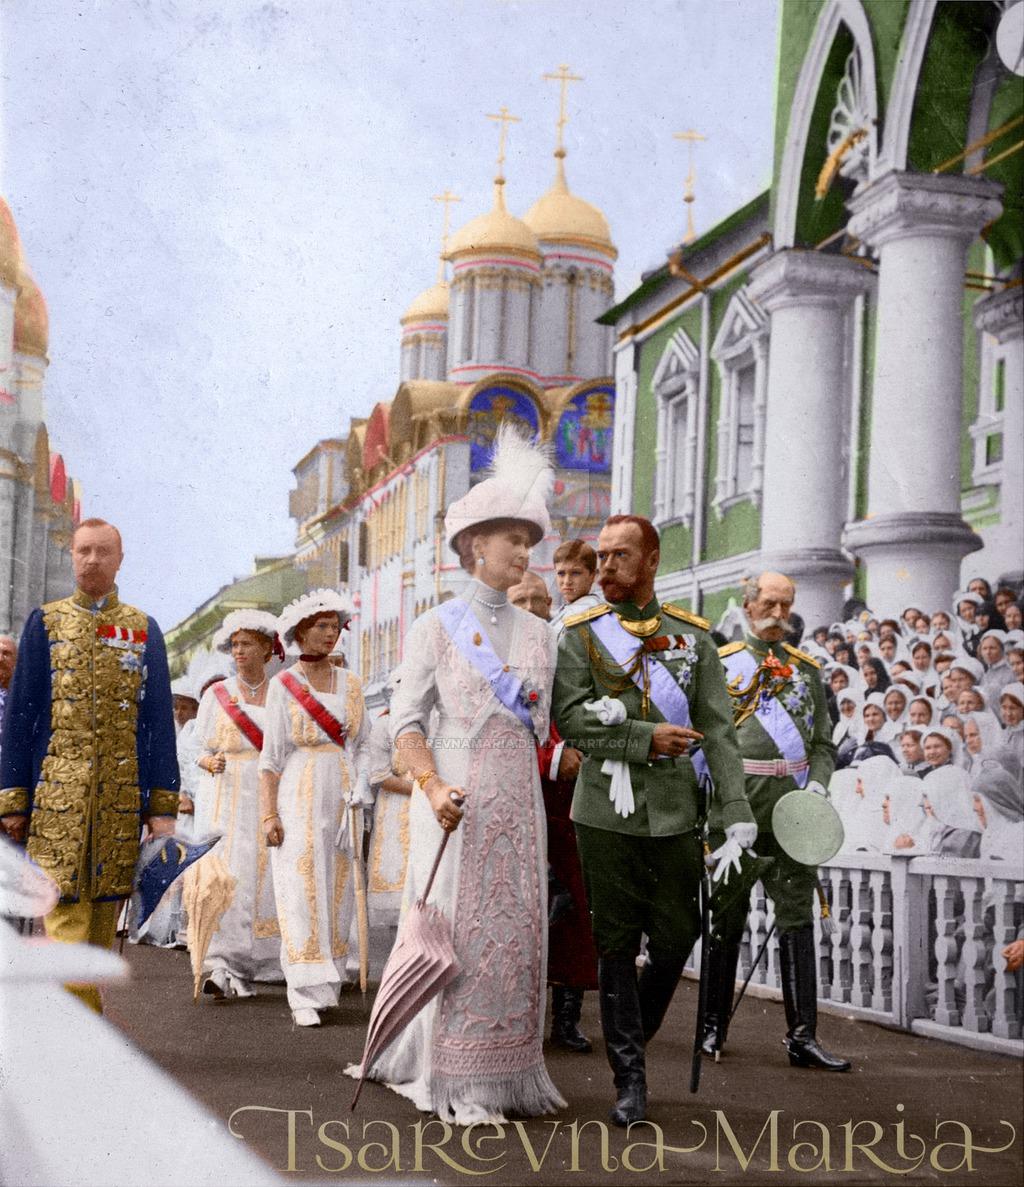 1913_by_tsarevnamaria-d80afth.jpg